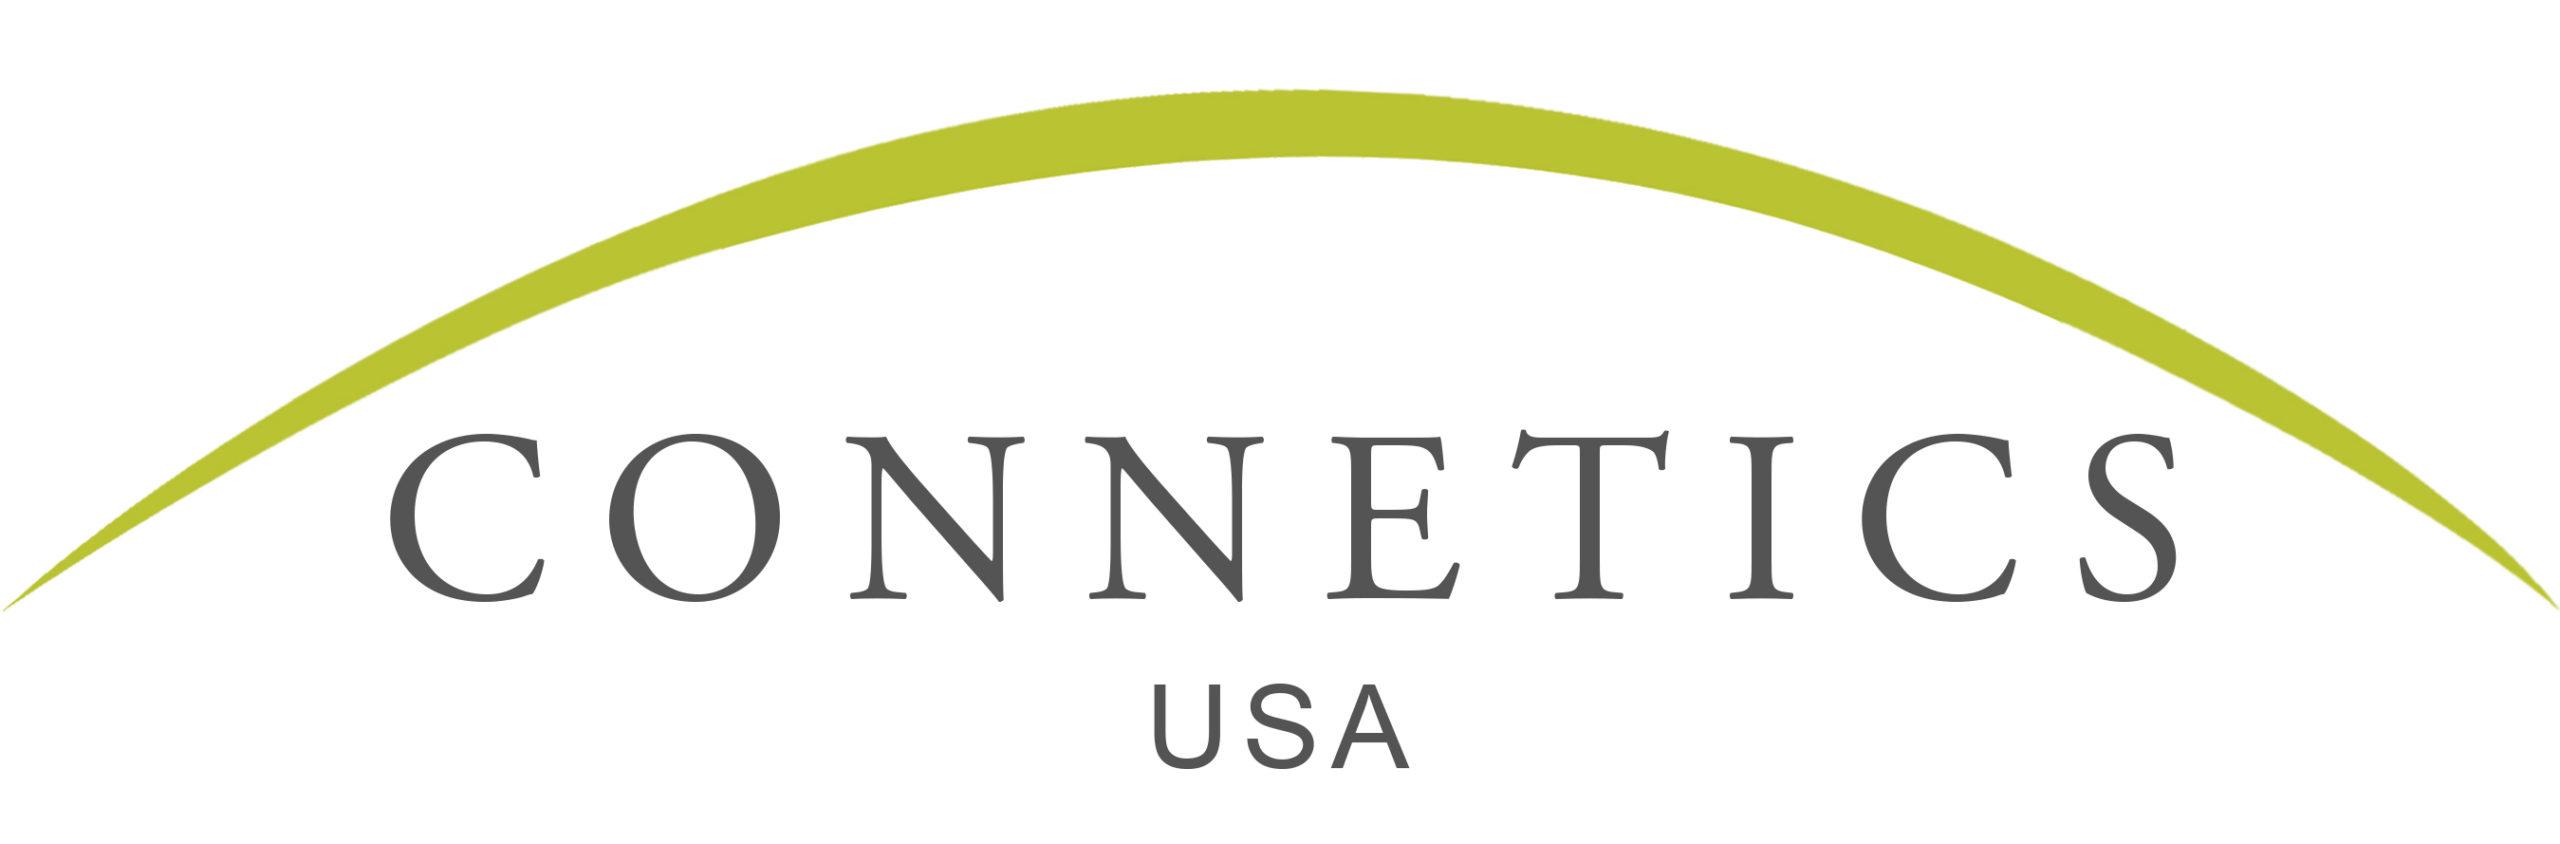 Connetics USA